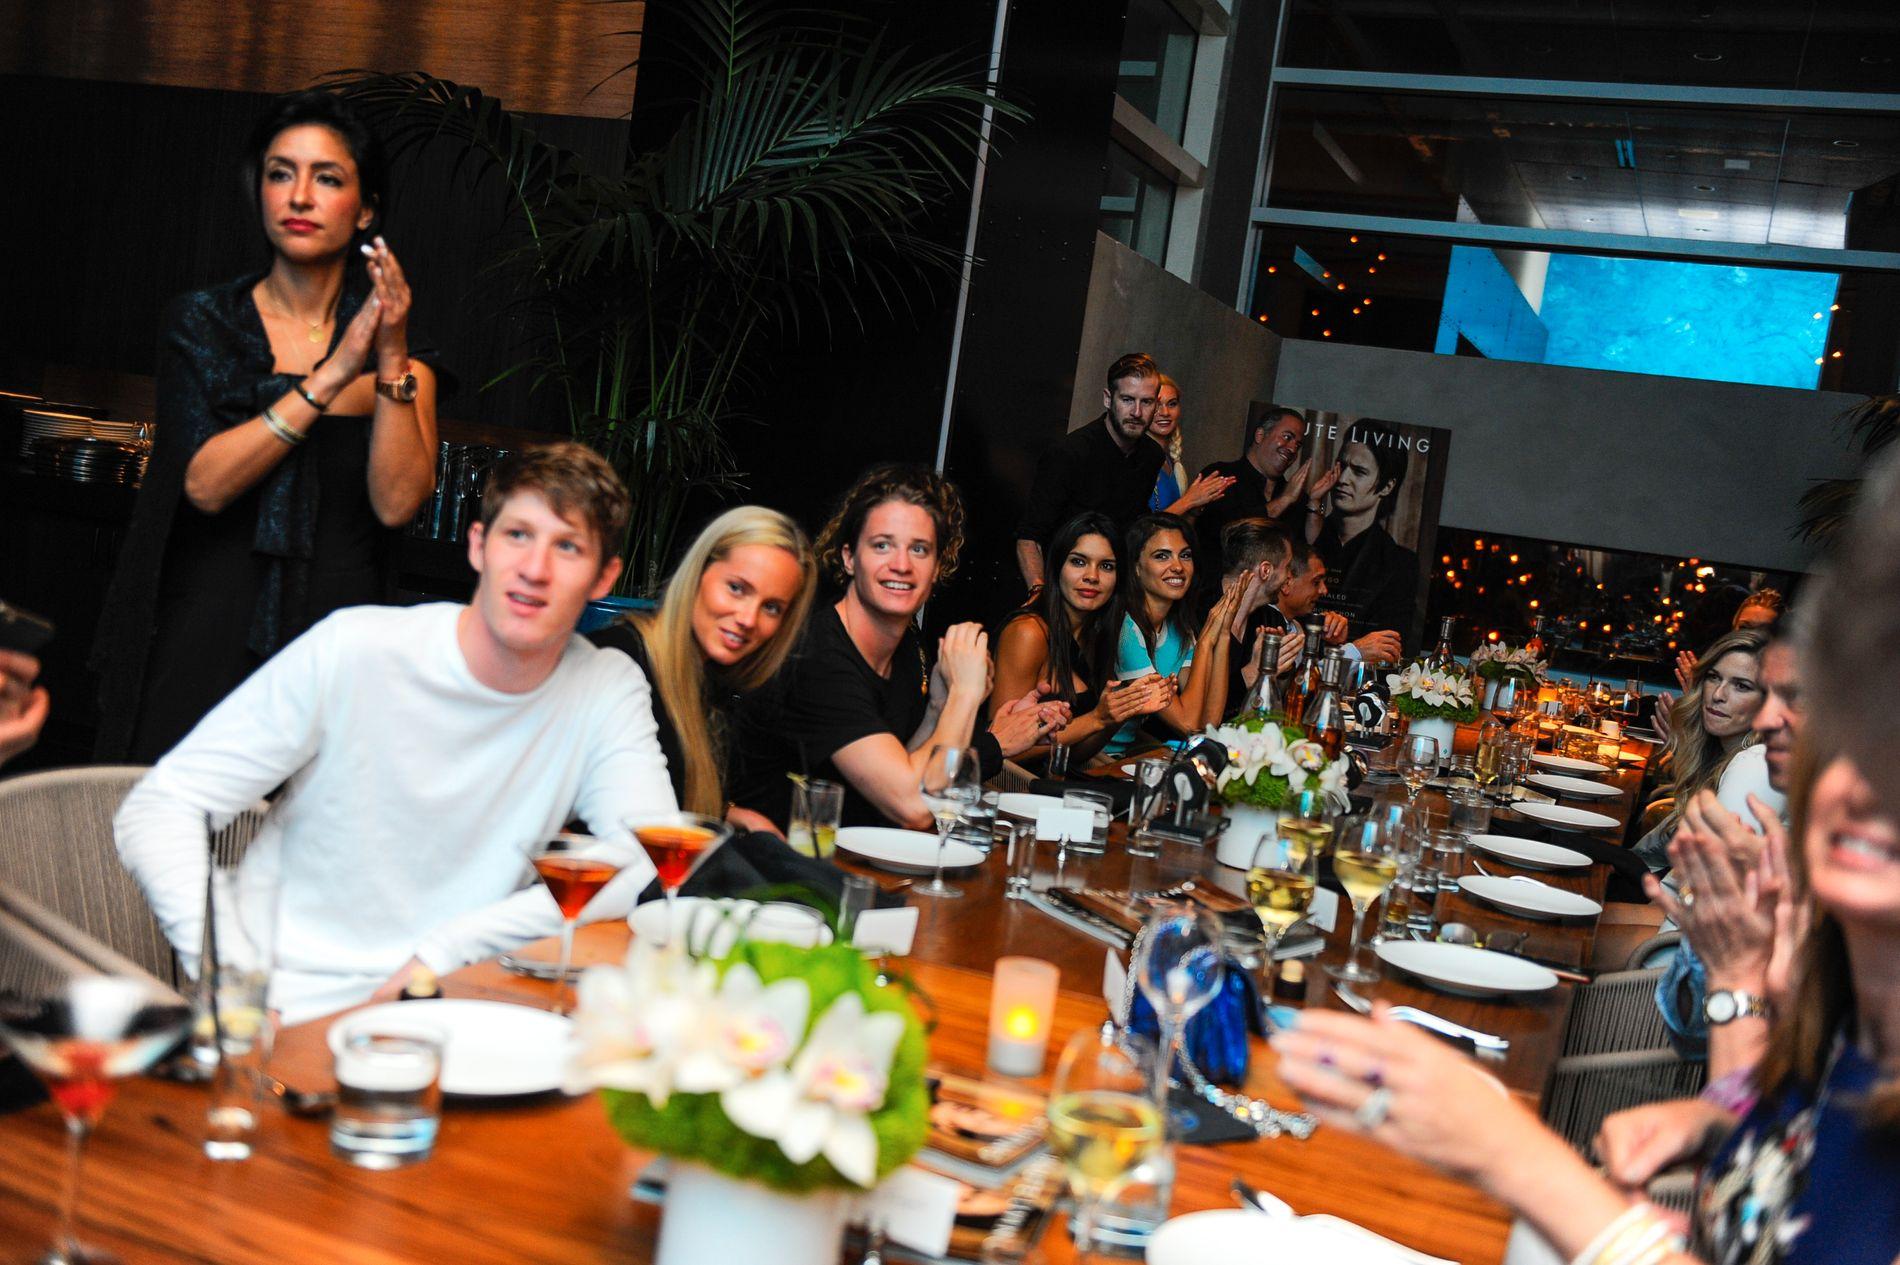 GOD STEMNING: Tilløp til applaus da Kygo ble feiret på restaurant i Miami. Foto: GETTY